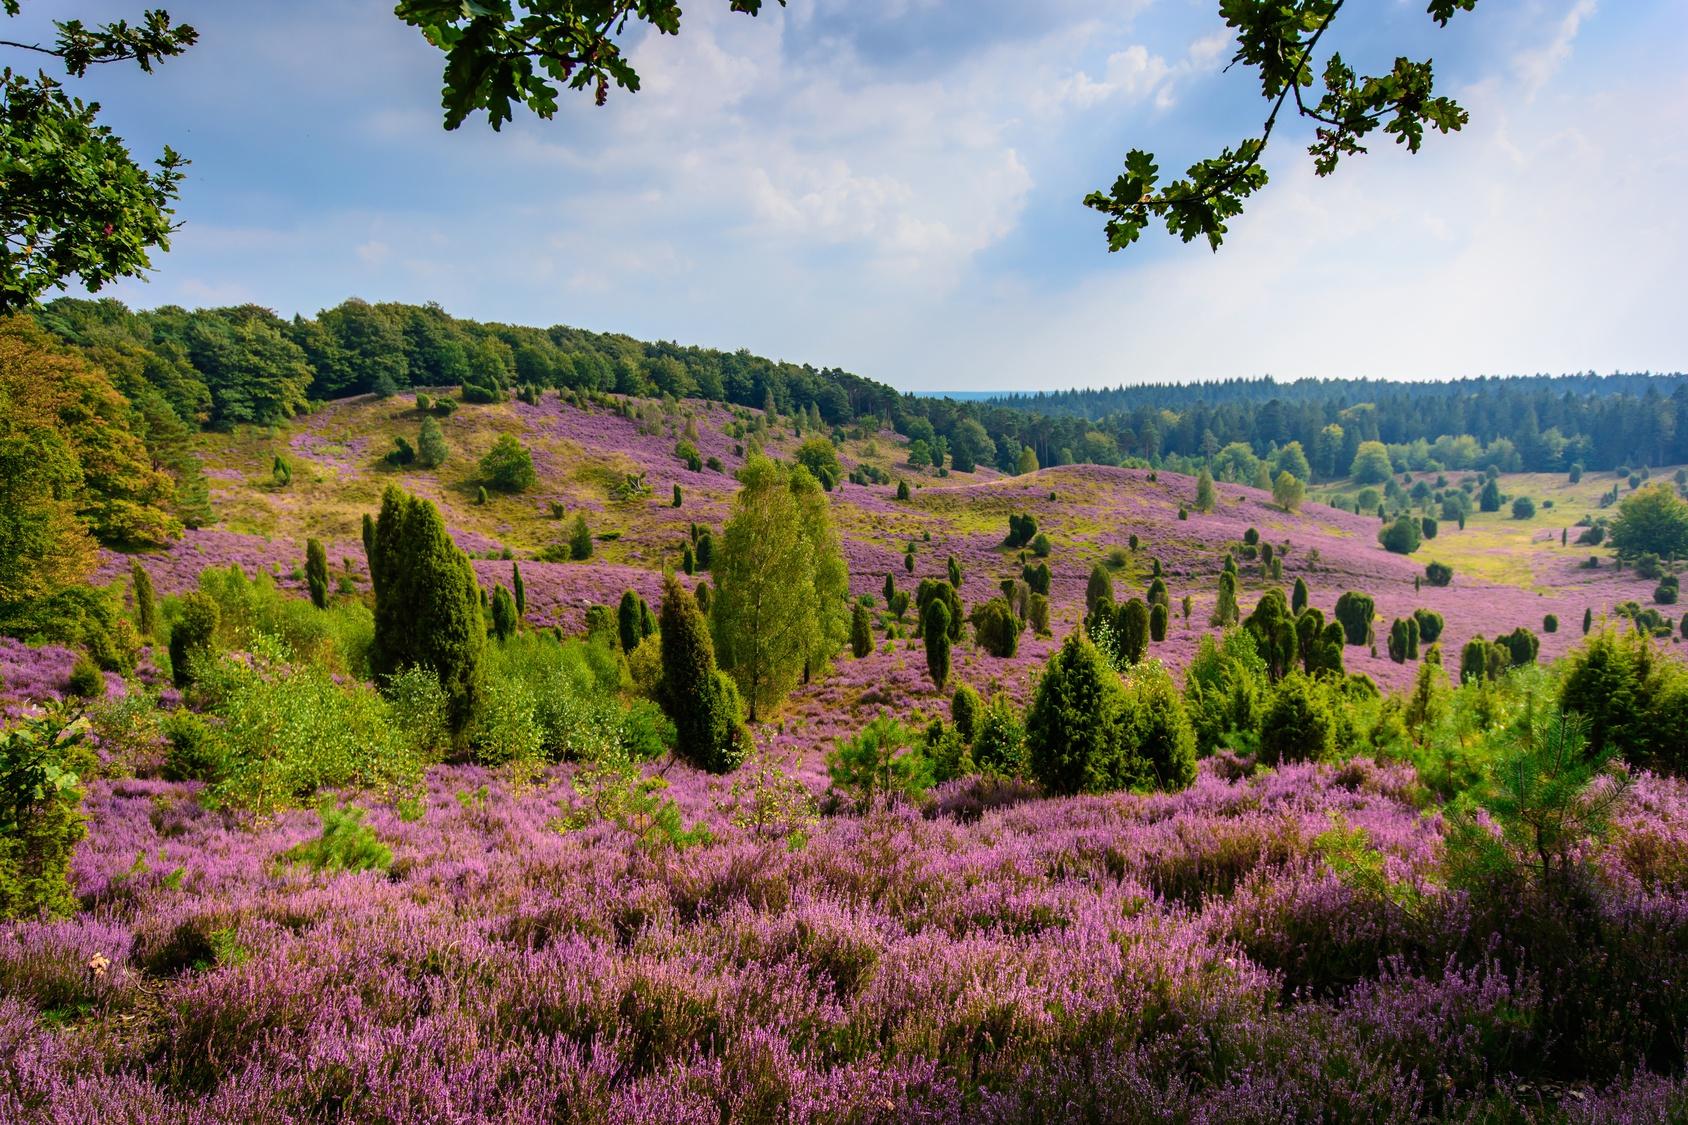 Heidelandschaft mit blühenden Heidepflanzen